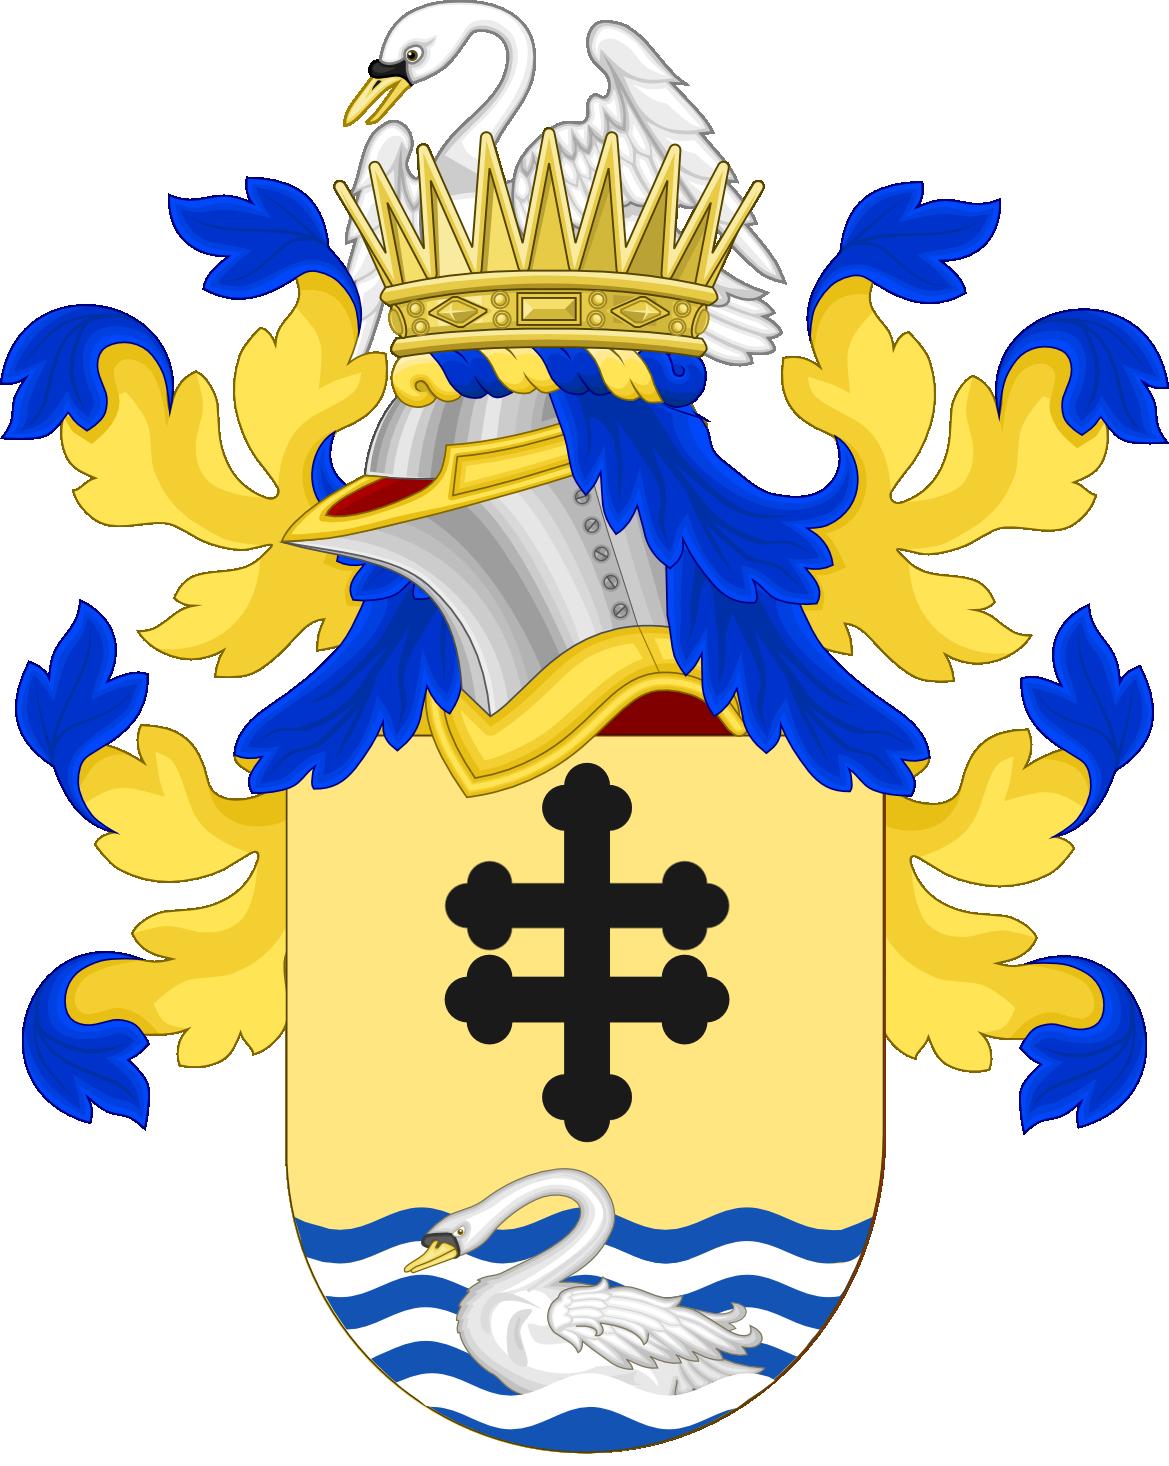 Escudo de Armas de Juan Ranea Garcia / Coat of Arms of Juan Ranea Garcia.